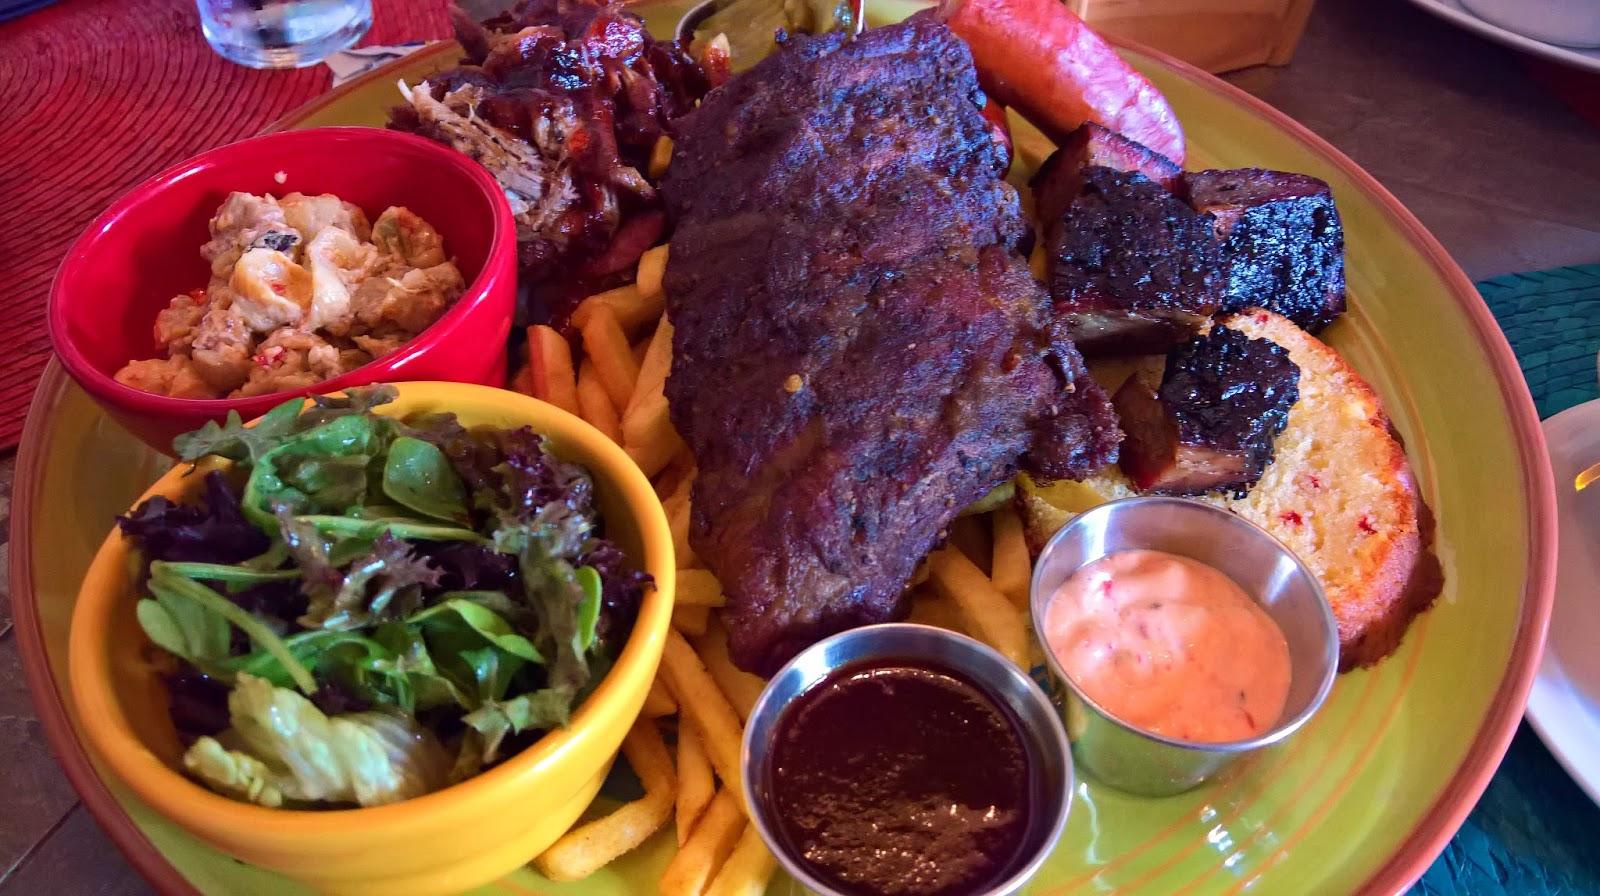 jäppilän kievari jäppilä ravintola kesäravintola jenkkiruoka bbq platter amerikkalainen ruoka mallaspulla